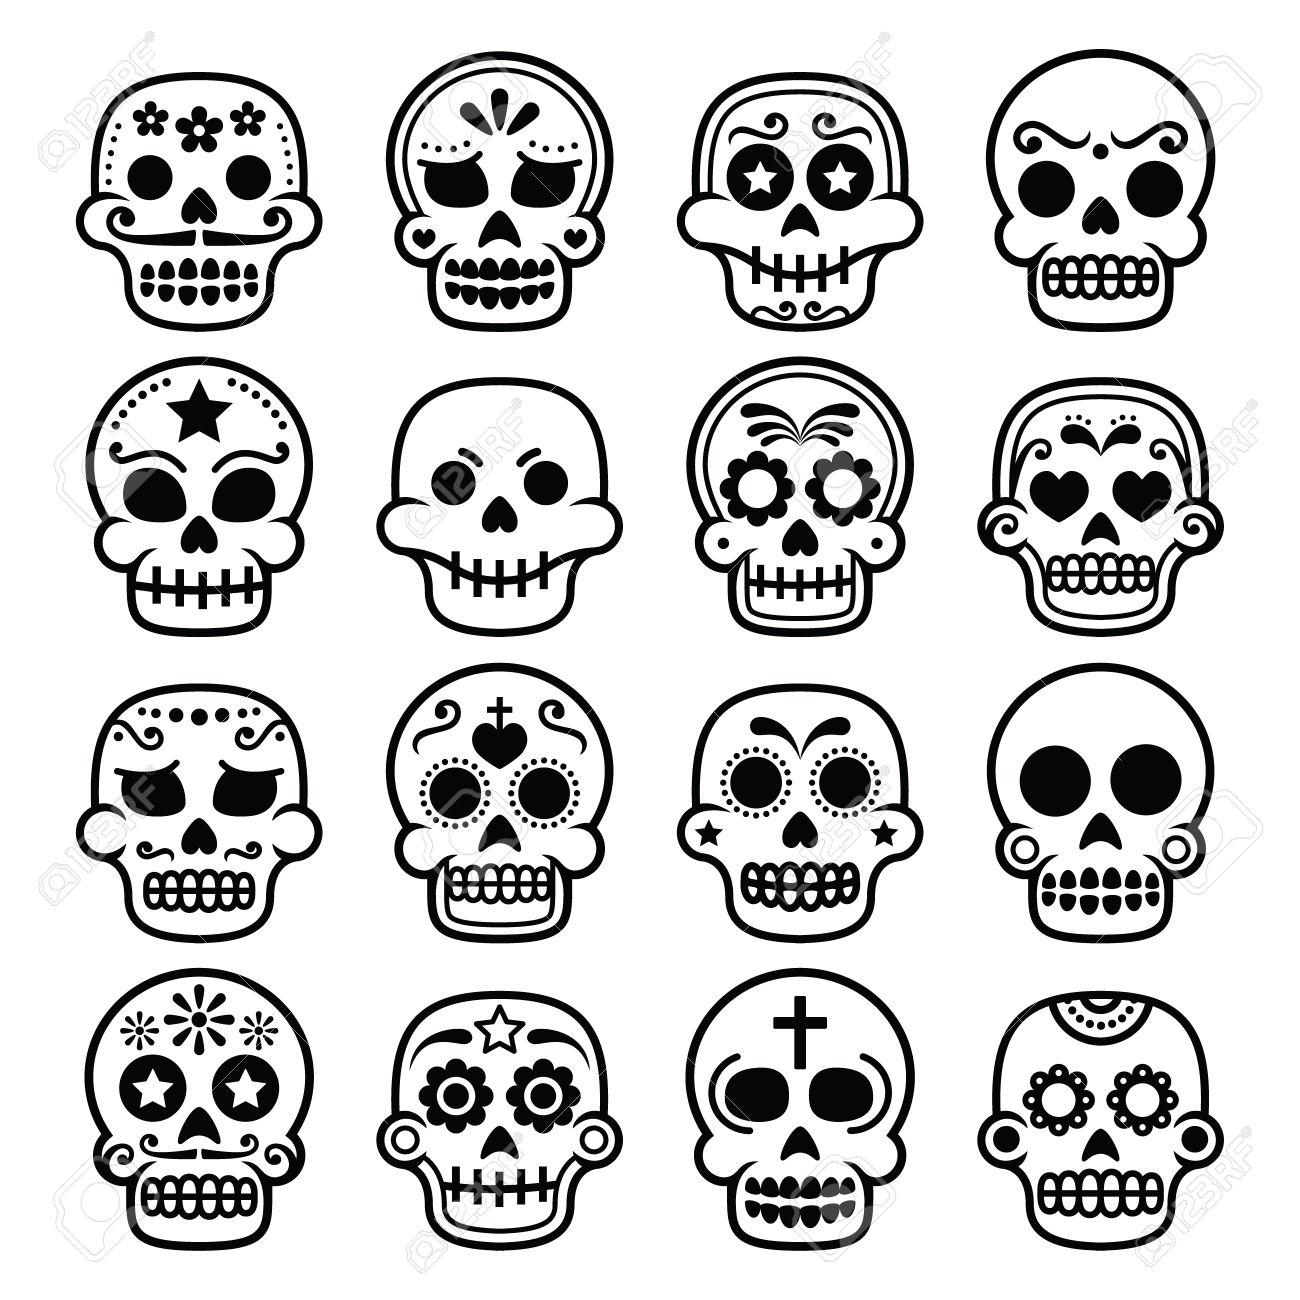 1300x1300 Sugar Skull Halloween Drawings Halloween Amp Holidays Wizard